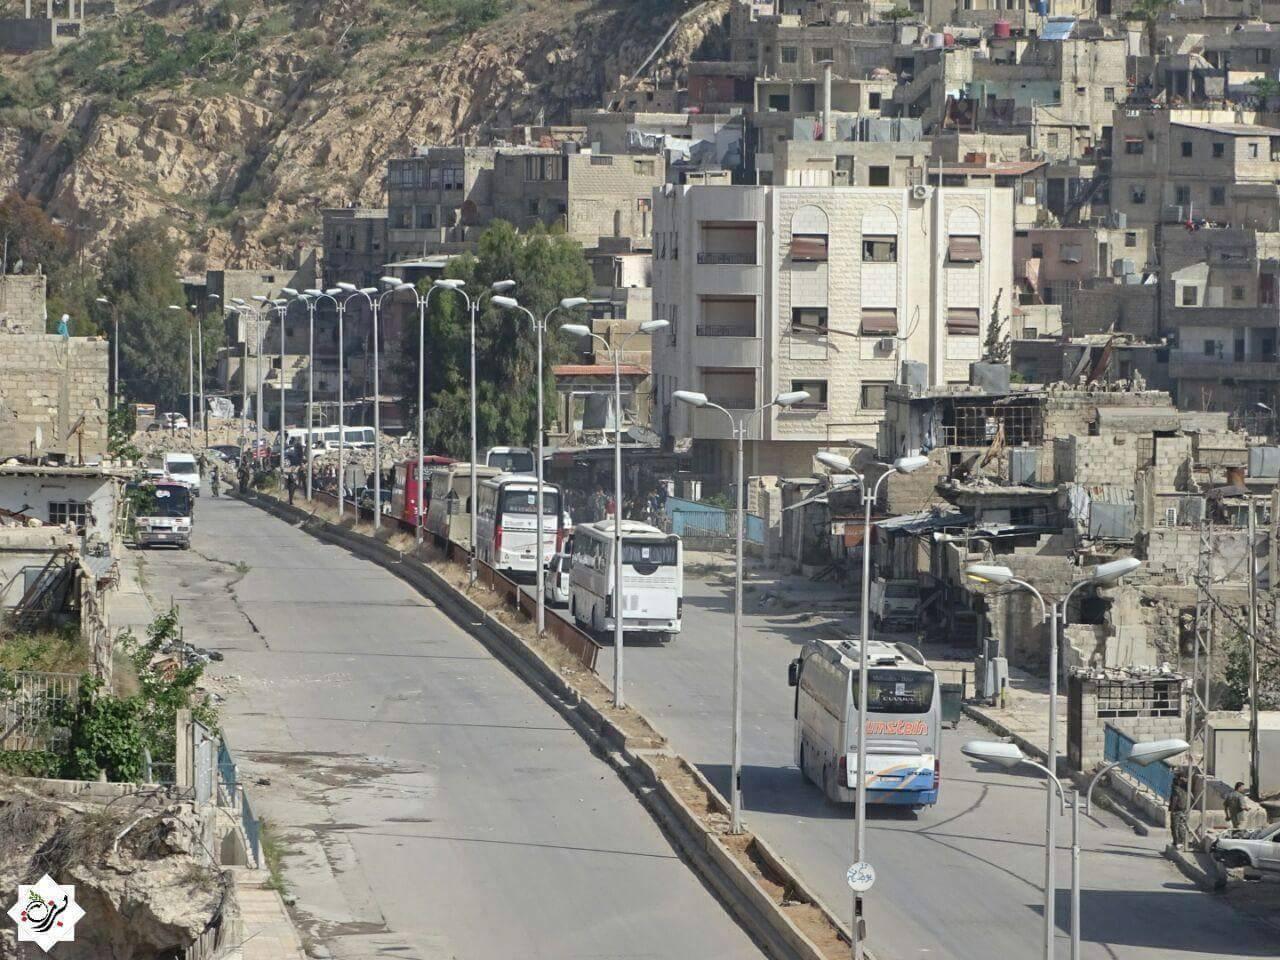 تعدّ عملية التهجير التي بدأت في حي برزة أول عملية تهجير في العاصمة منذ بداية الأزمة في عام 2011